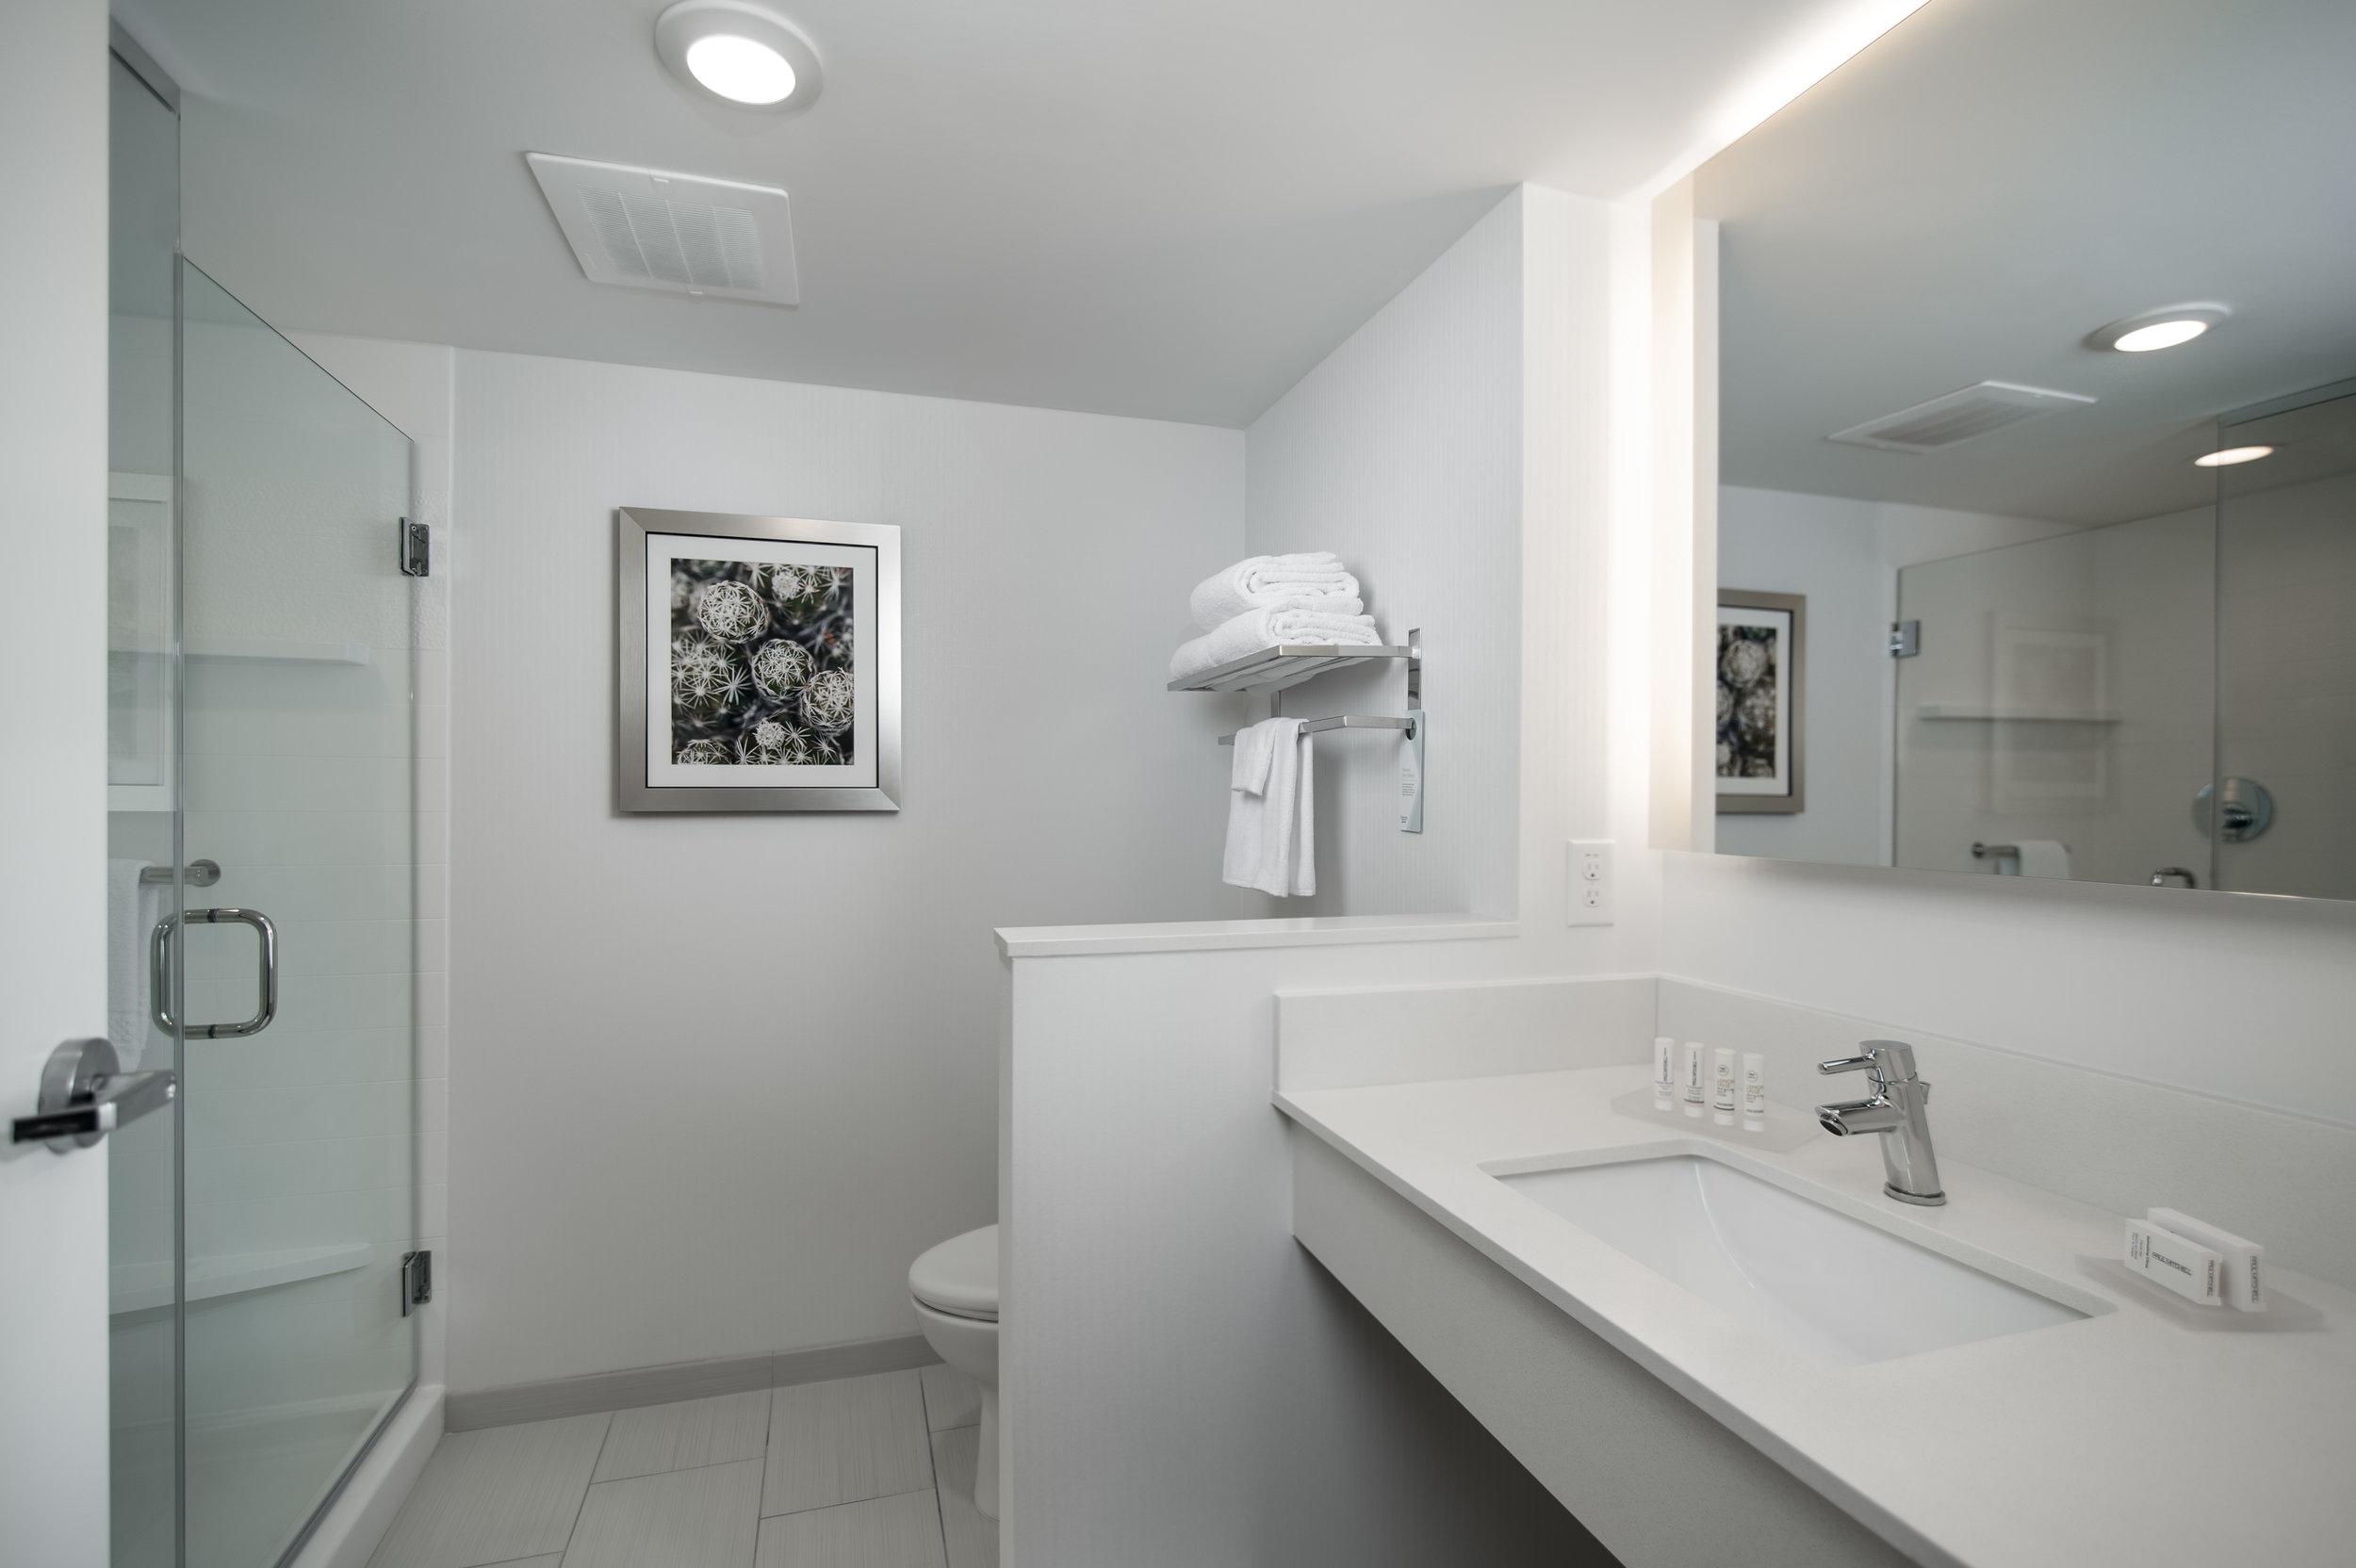 027-003-2002-FairfieldInn-Bathroom-403.jpg